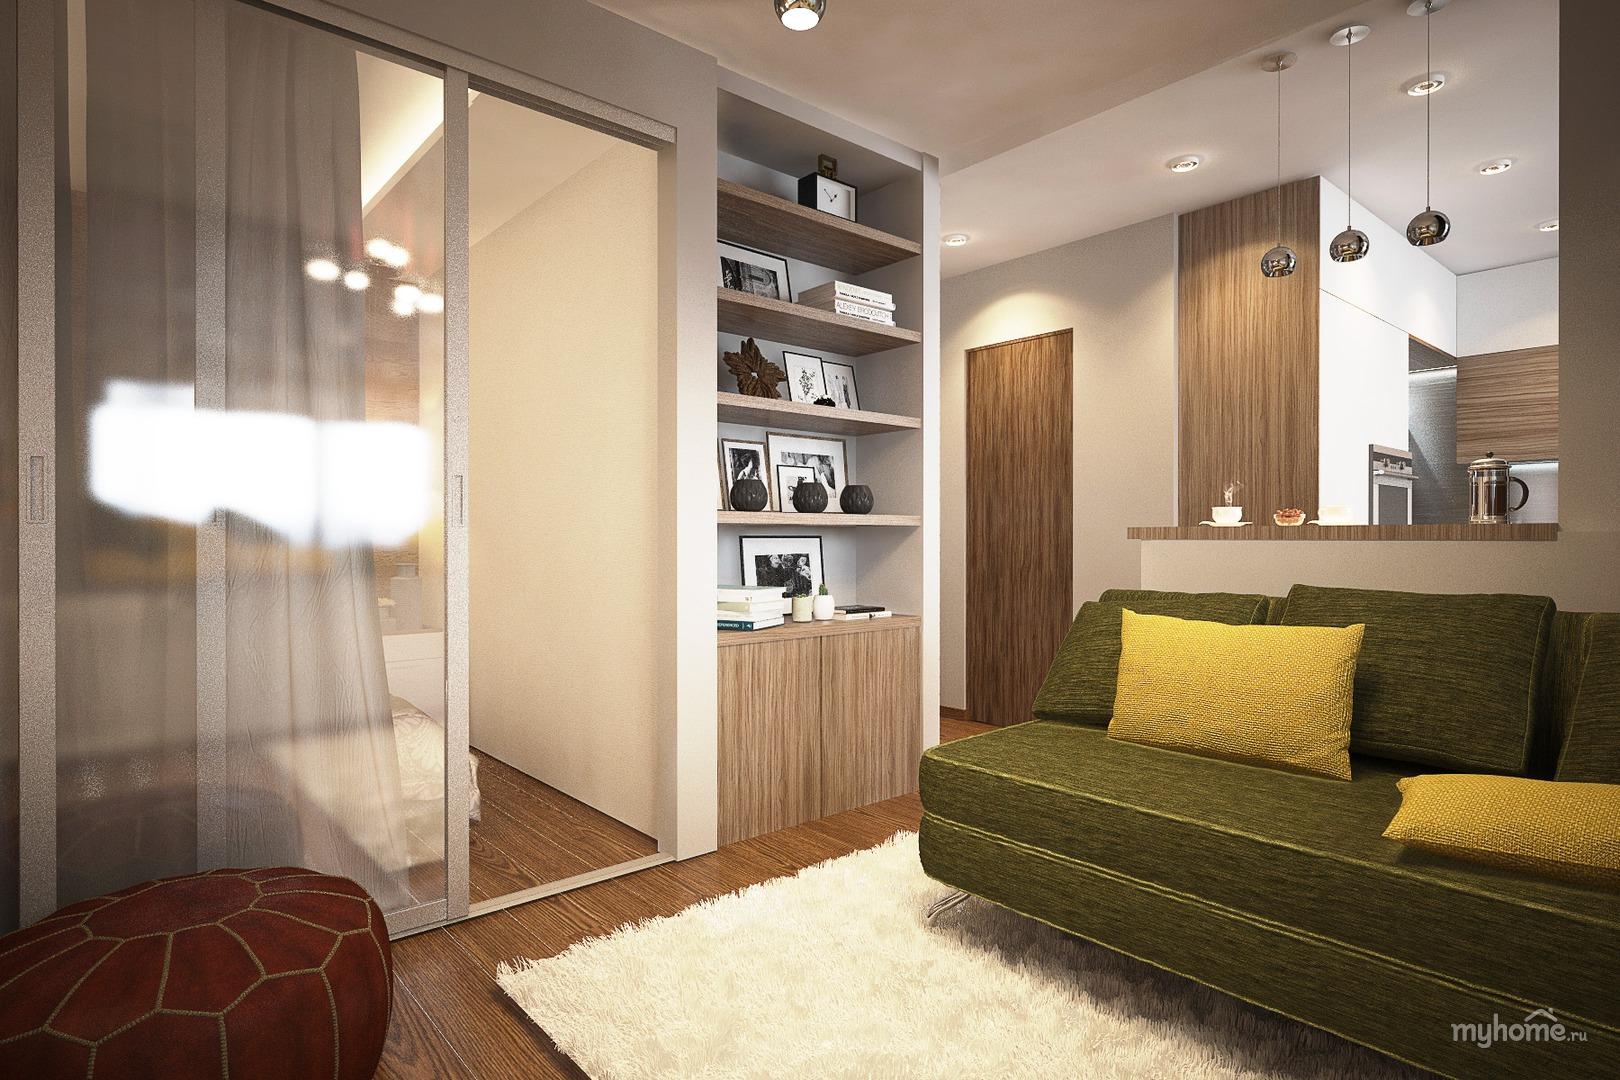 Интерьер однокомнатной квартиры фото 42 кв.м